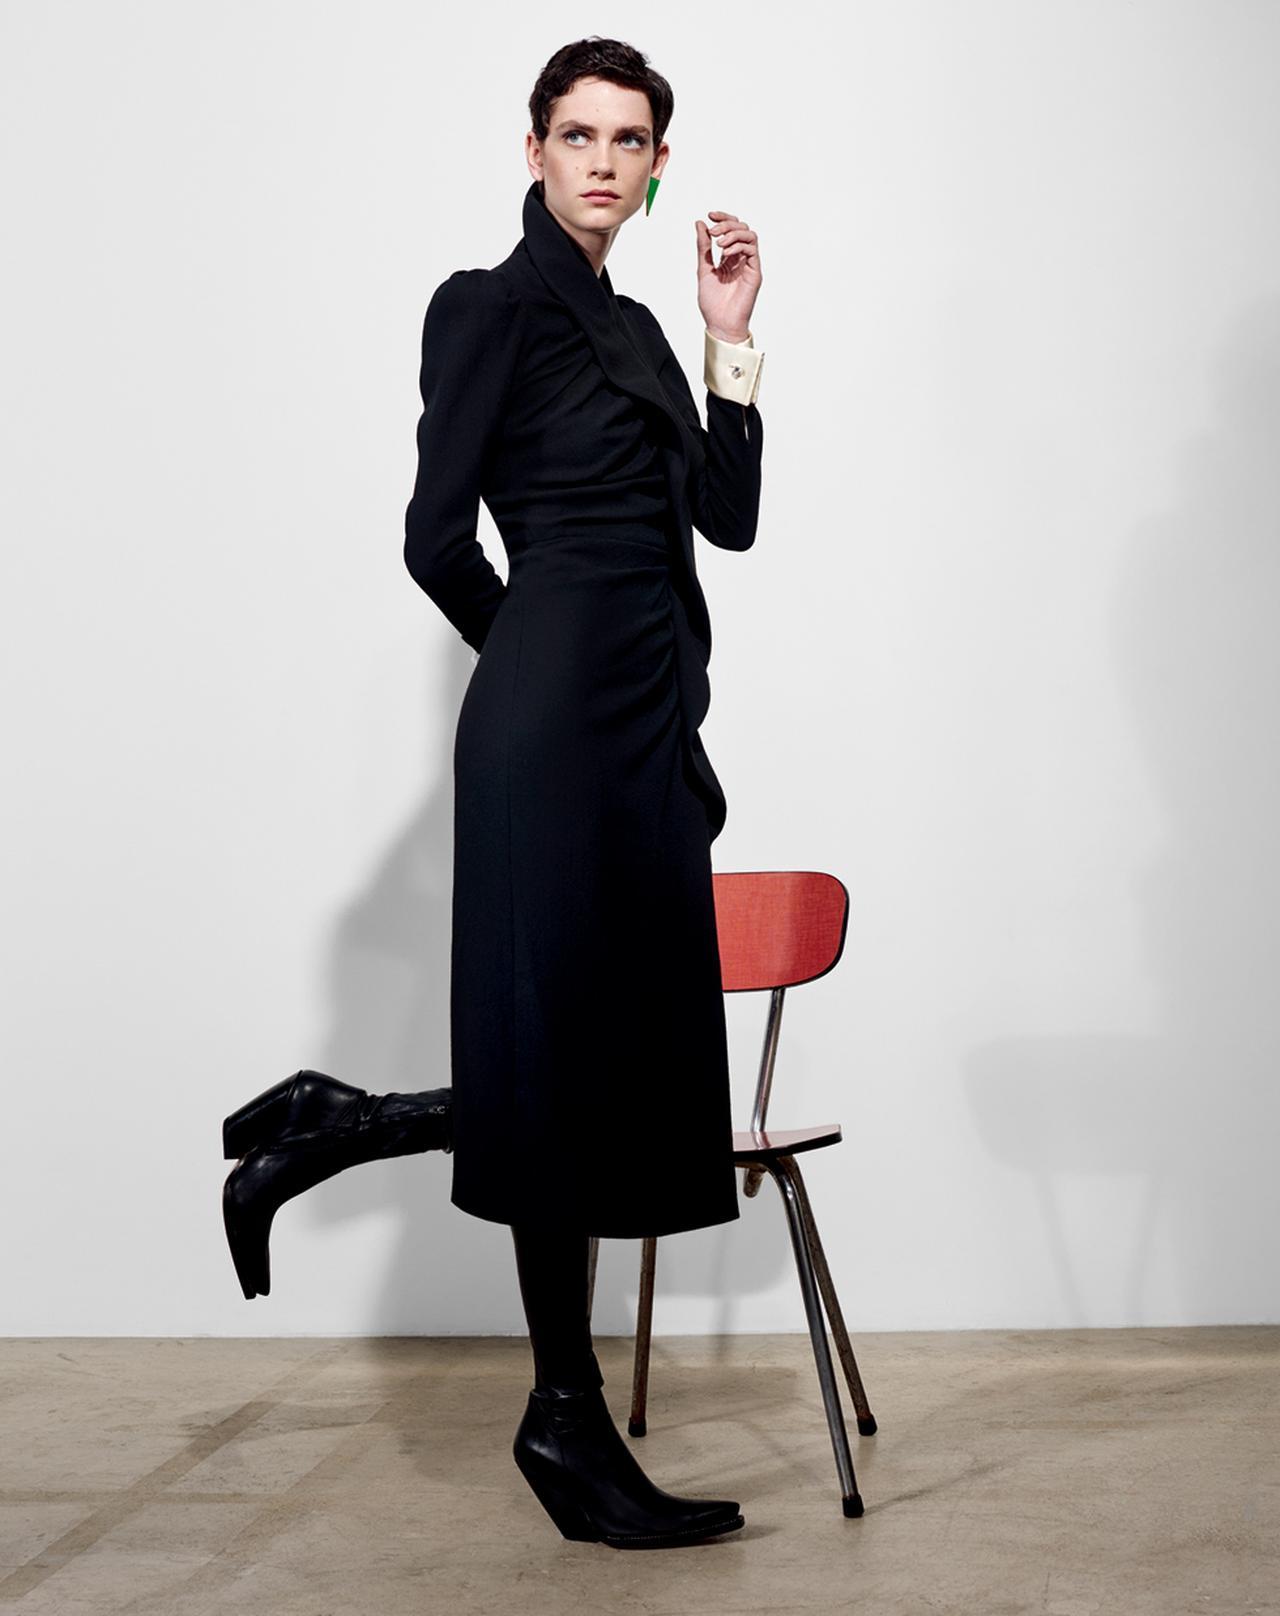 Images : 2番目の画像 - 「黒の洗練。 黒を重ね、黒を極める」のアルバム - T JAPAN:The New York Times Style Magazine 公式サイト